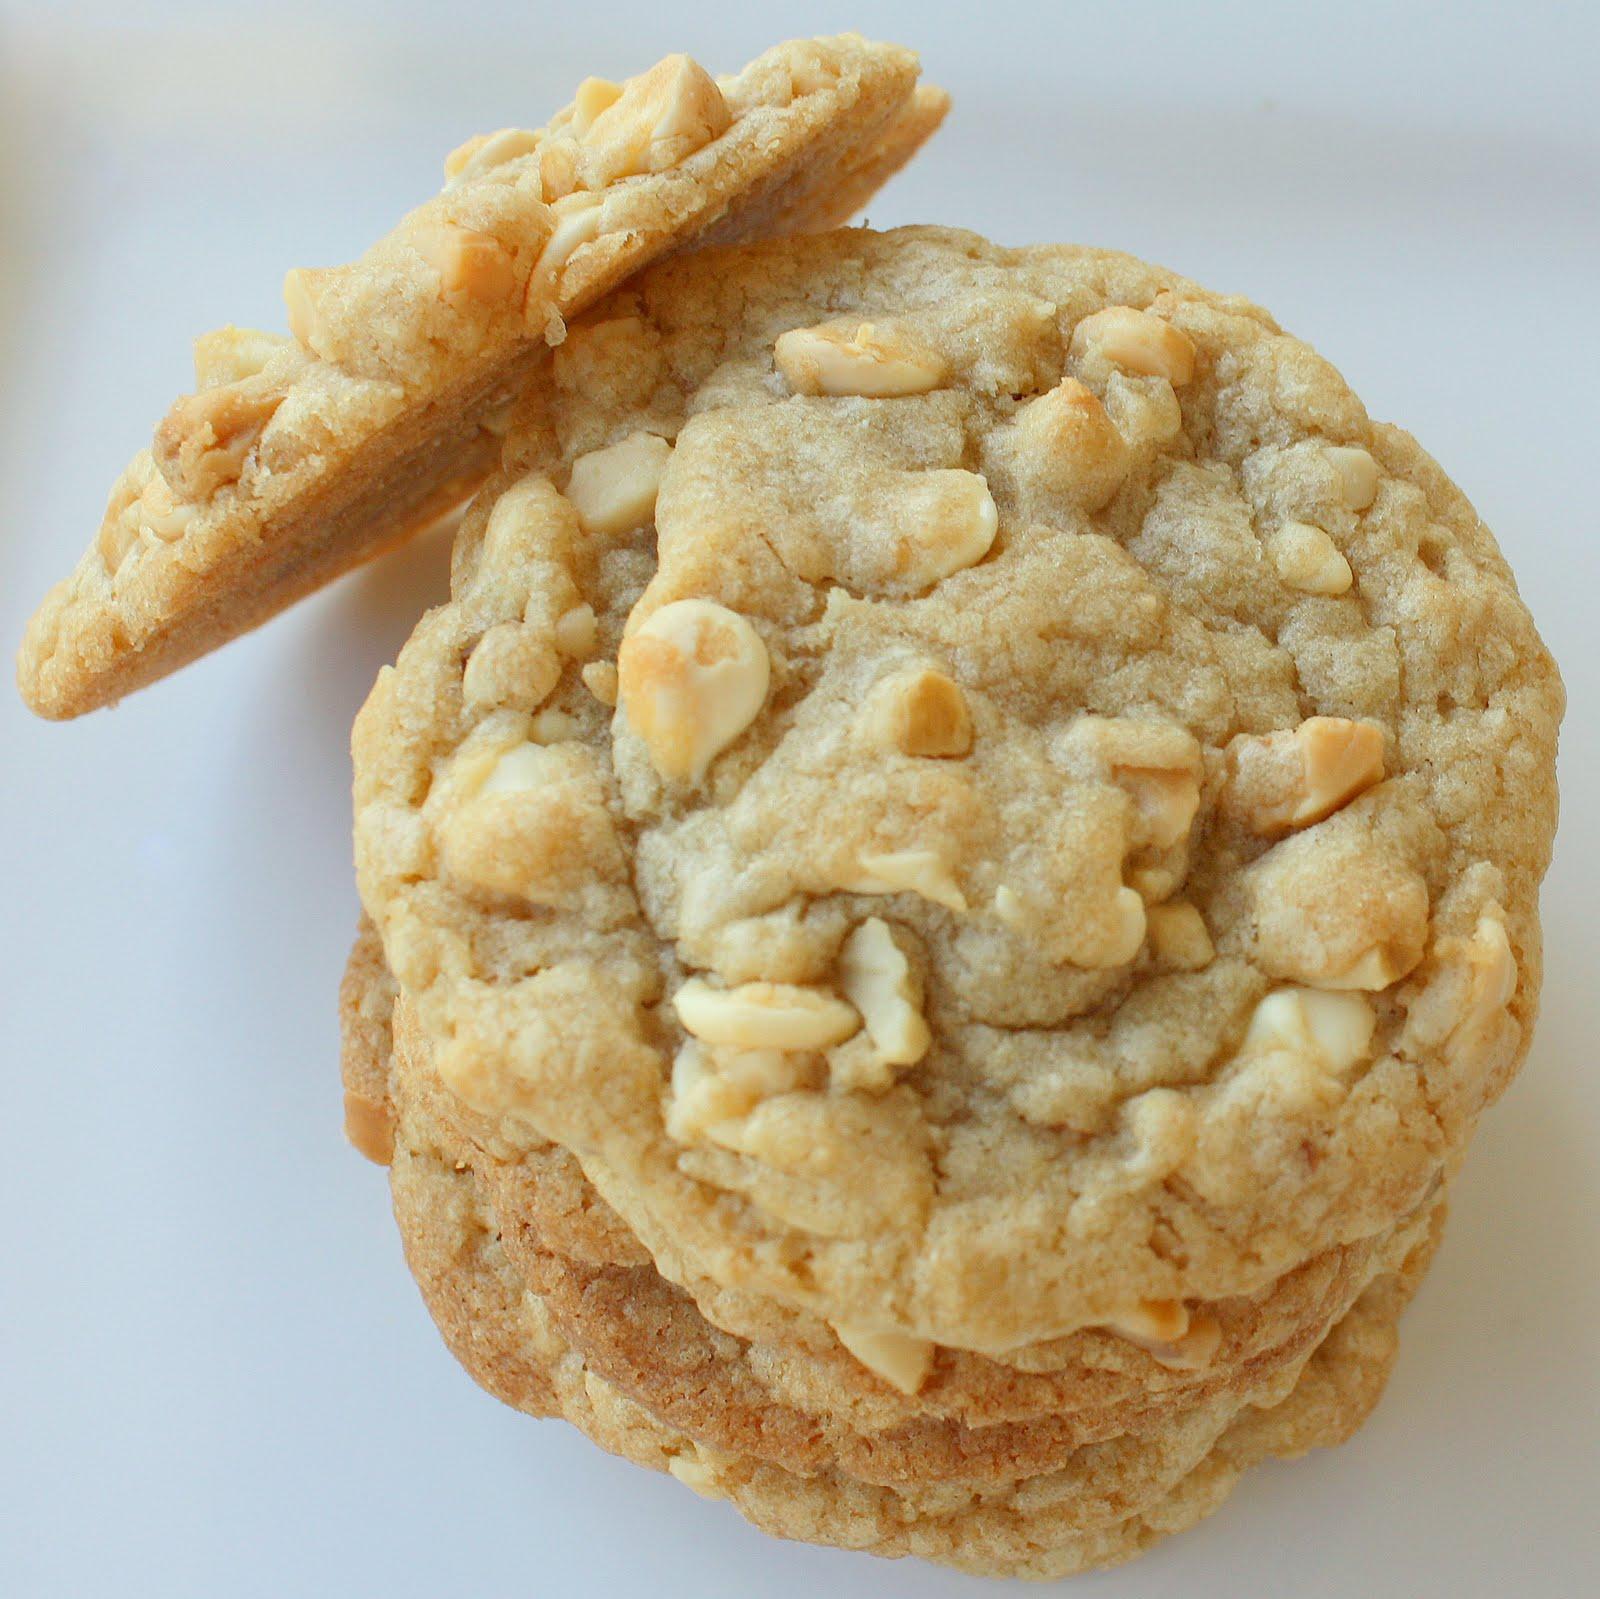 White Chocolate Macadamia Nut Cookies - The Girl Who Ate